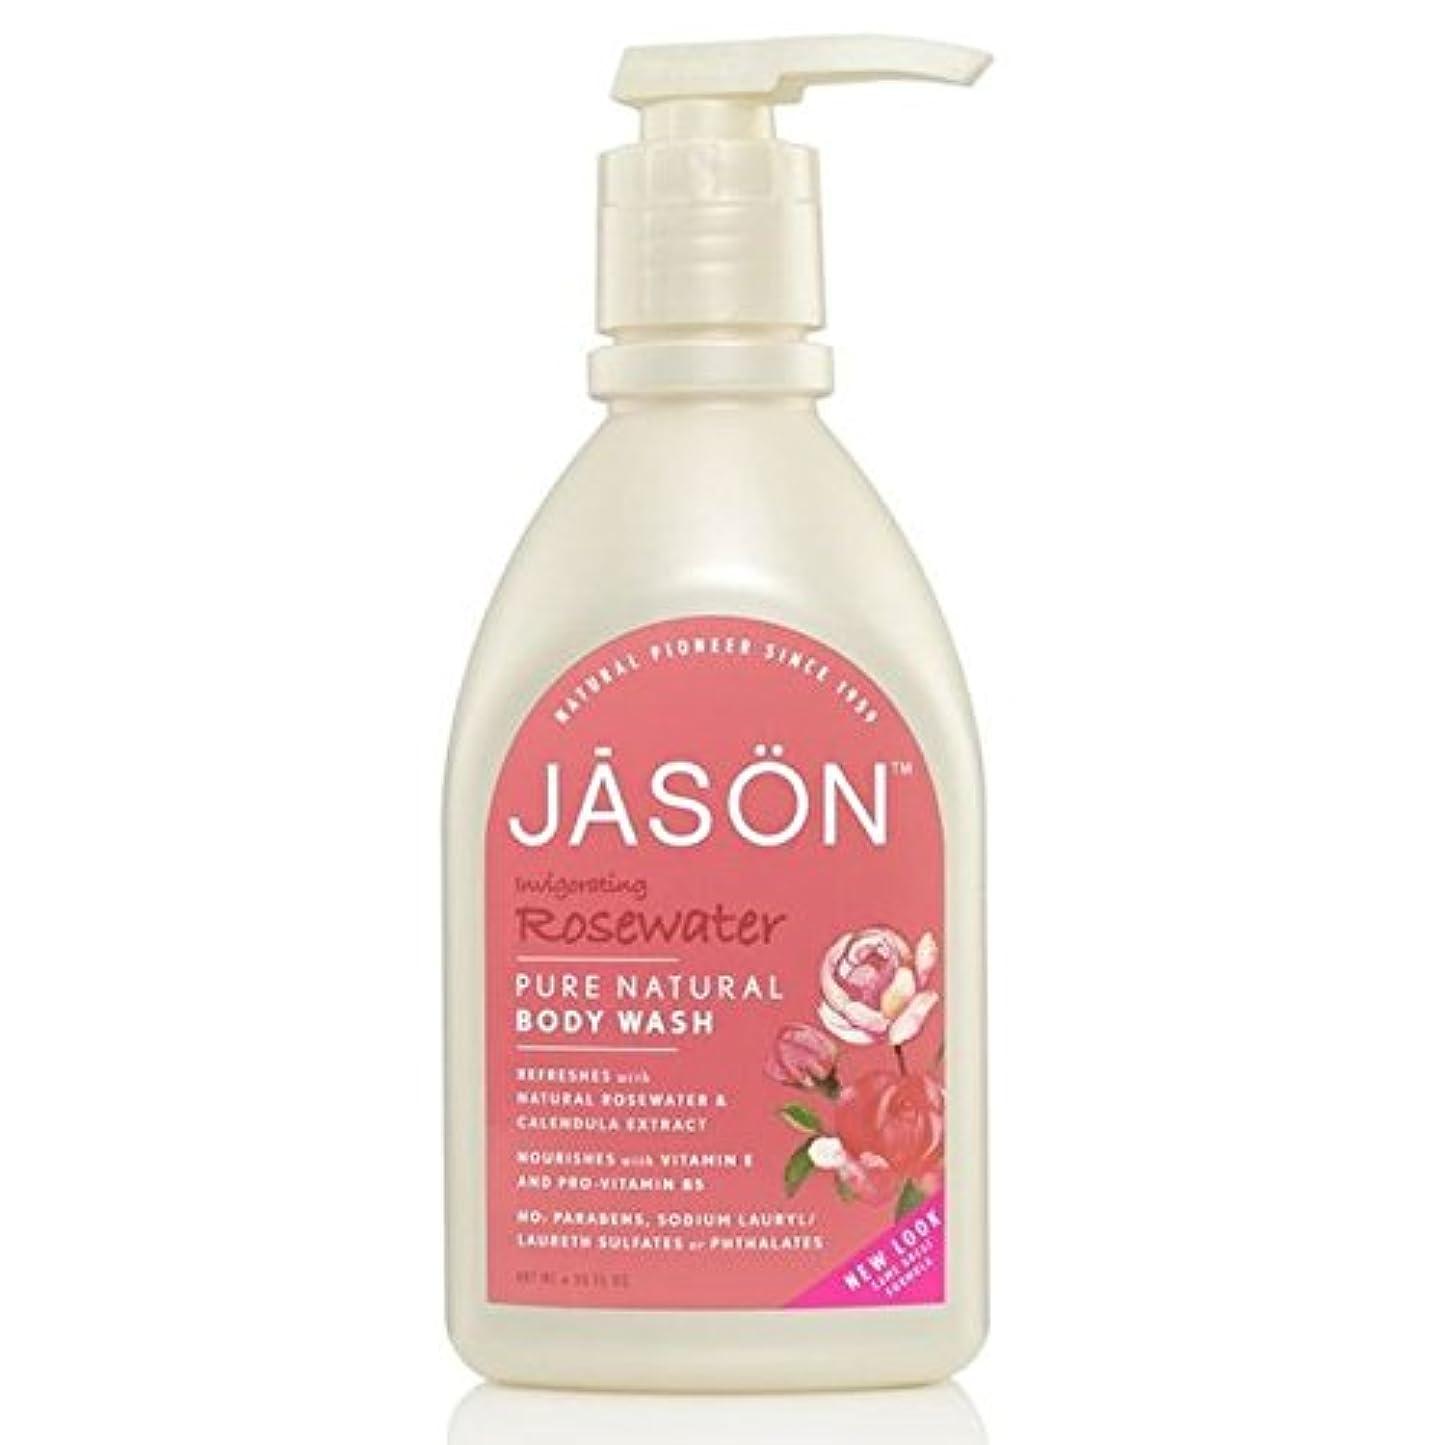 合法ステップ会計士ジェイソン?ボディウォッシュローズウォーターサテンシャワー900ミリリットル x2 - Jason Body Wash Rosewater Satin Shower 900ml (Pack of 2) [並行輸入品]